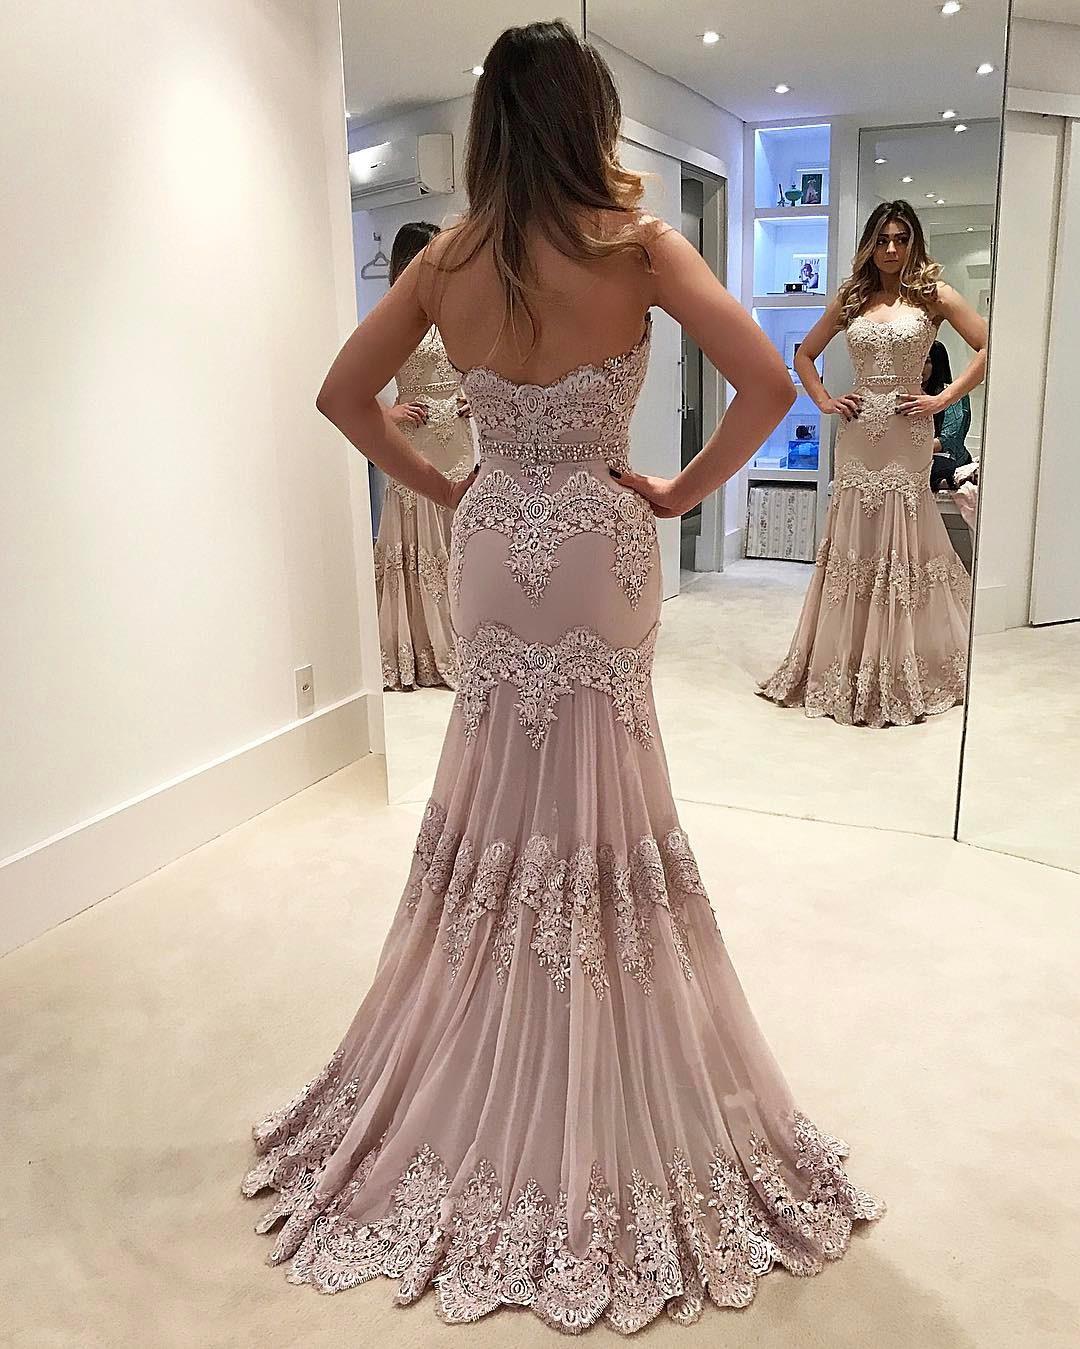 Designer Fantastisch Günstiger Abendkleider Online Kaufen SpezialgebietFormal Perfekt Günstiger Abendkleider Online Kaufen für 2019